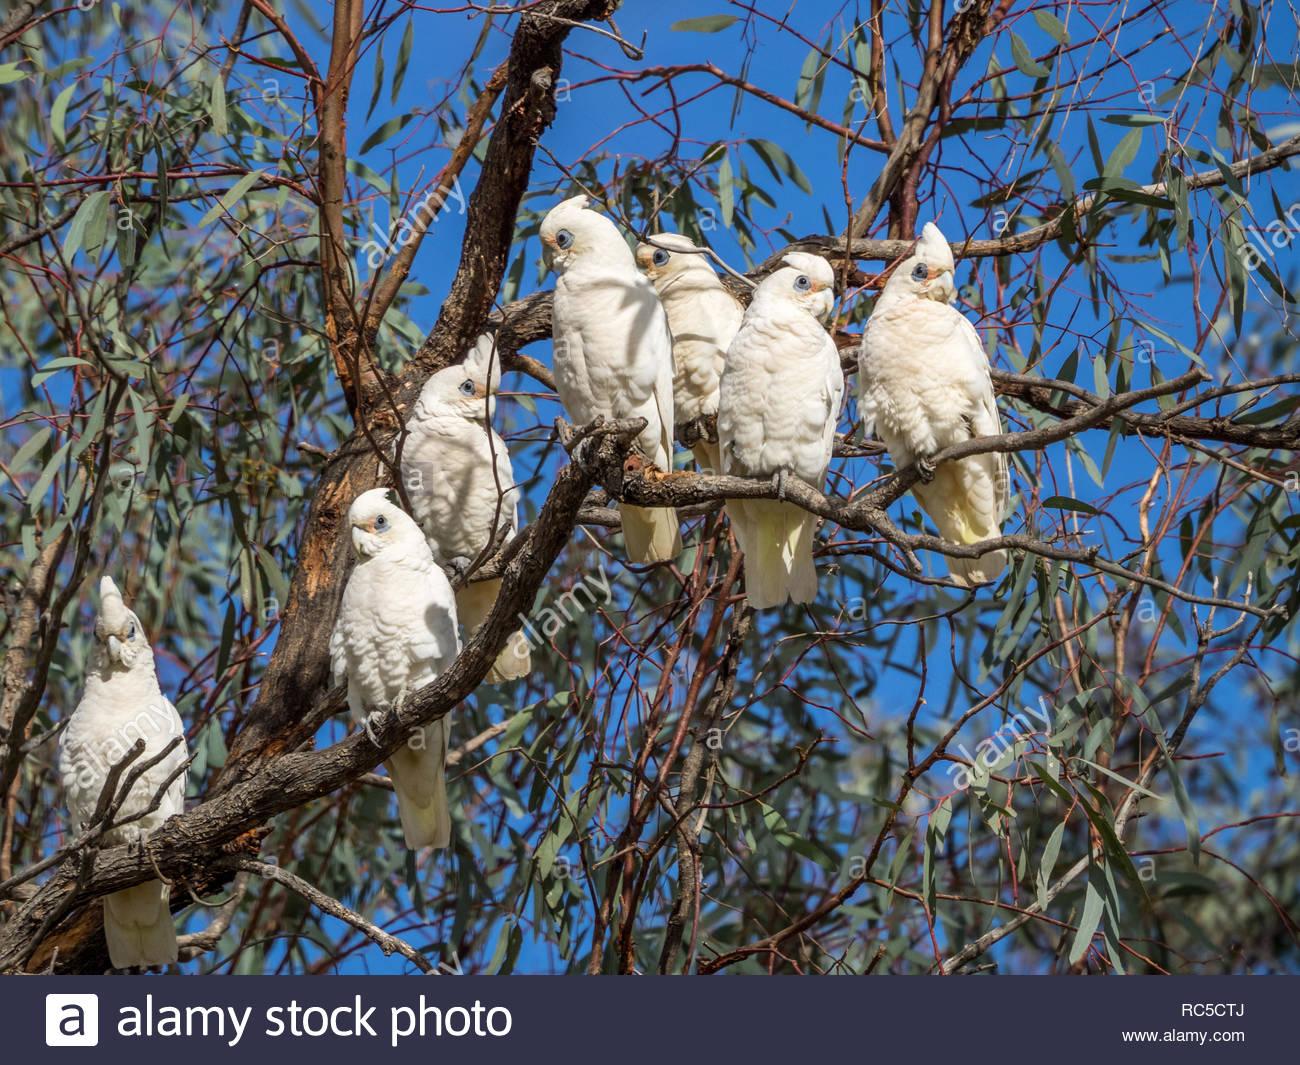 Corellas in trees at Loxton, SA - Stock Image